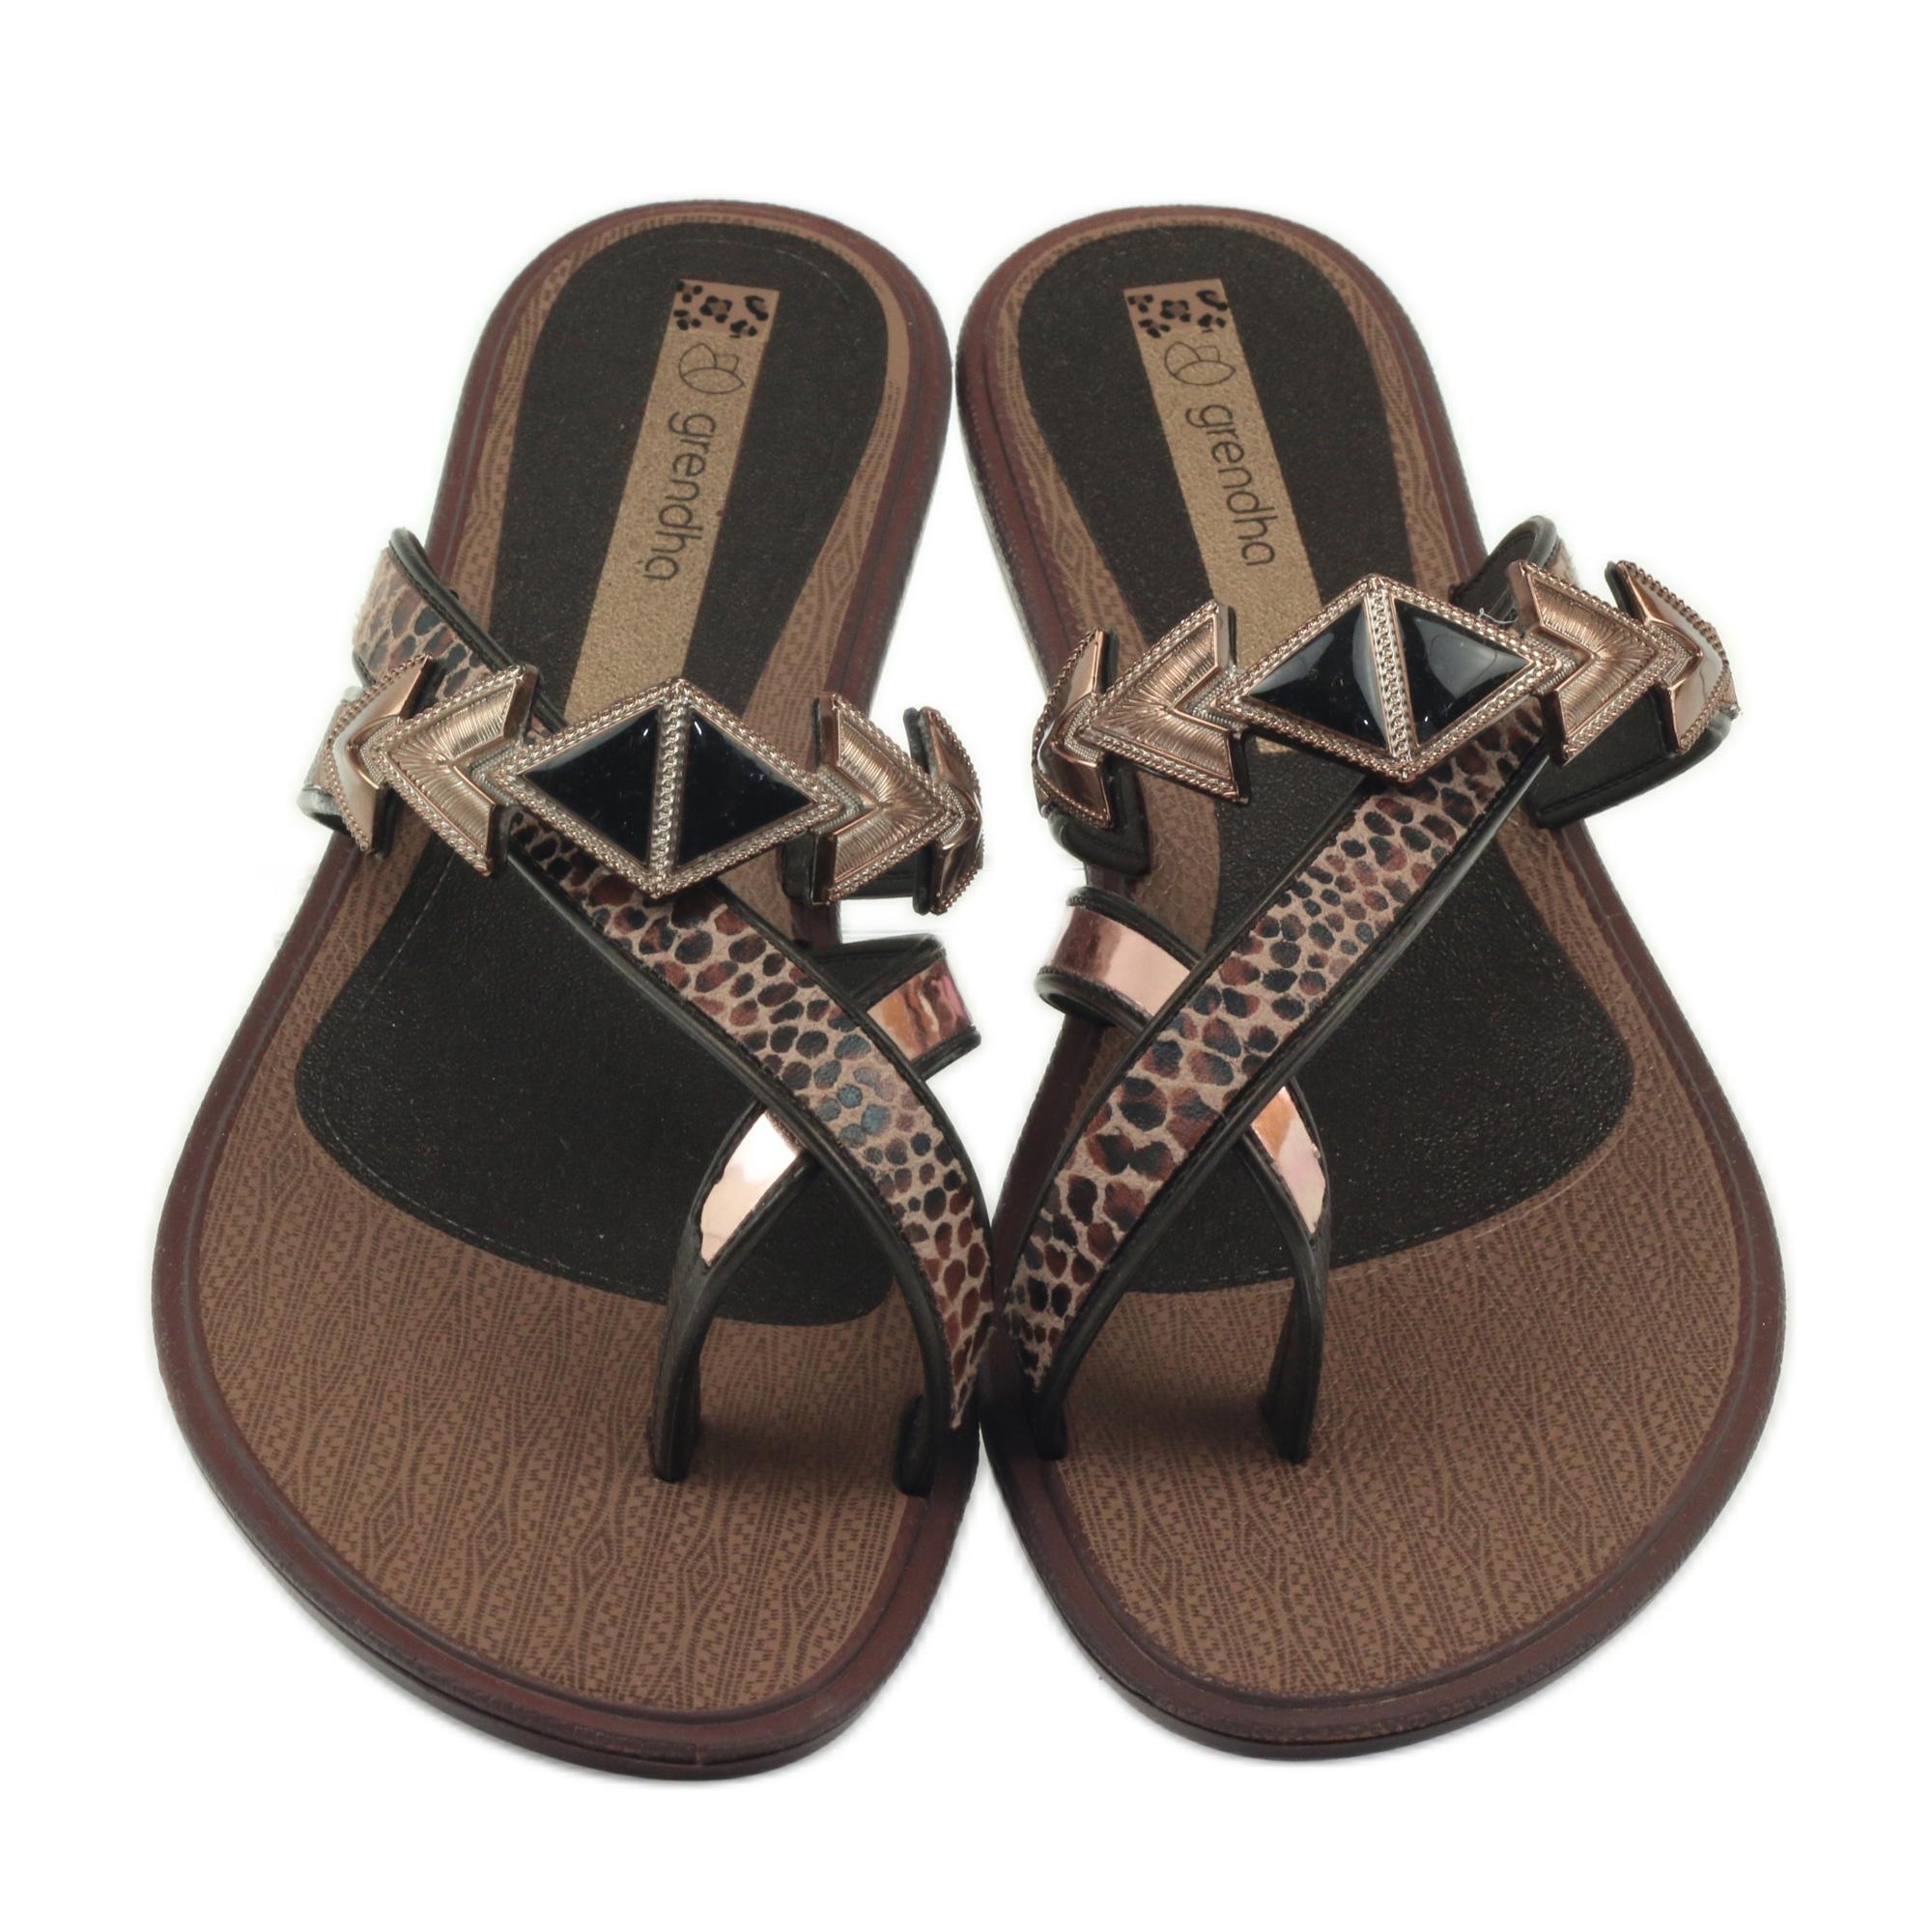 Mujer De Ipanema Marrón Grendha Zapatos Con Piedras Chanclas 345RjLA